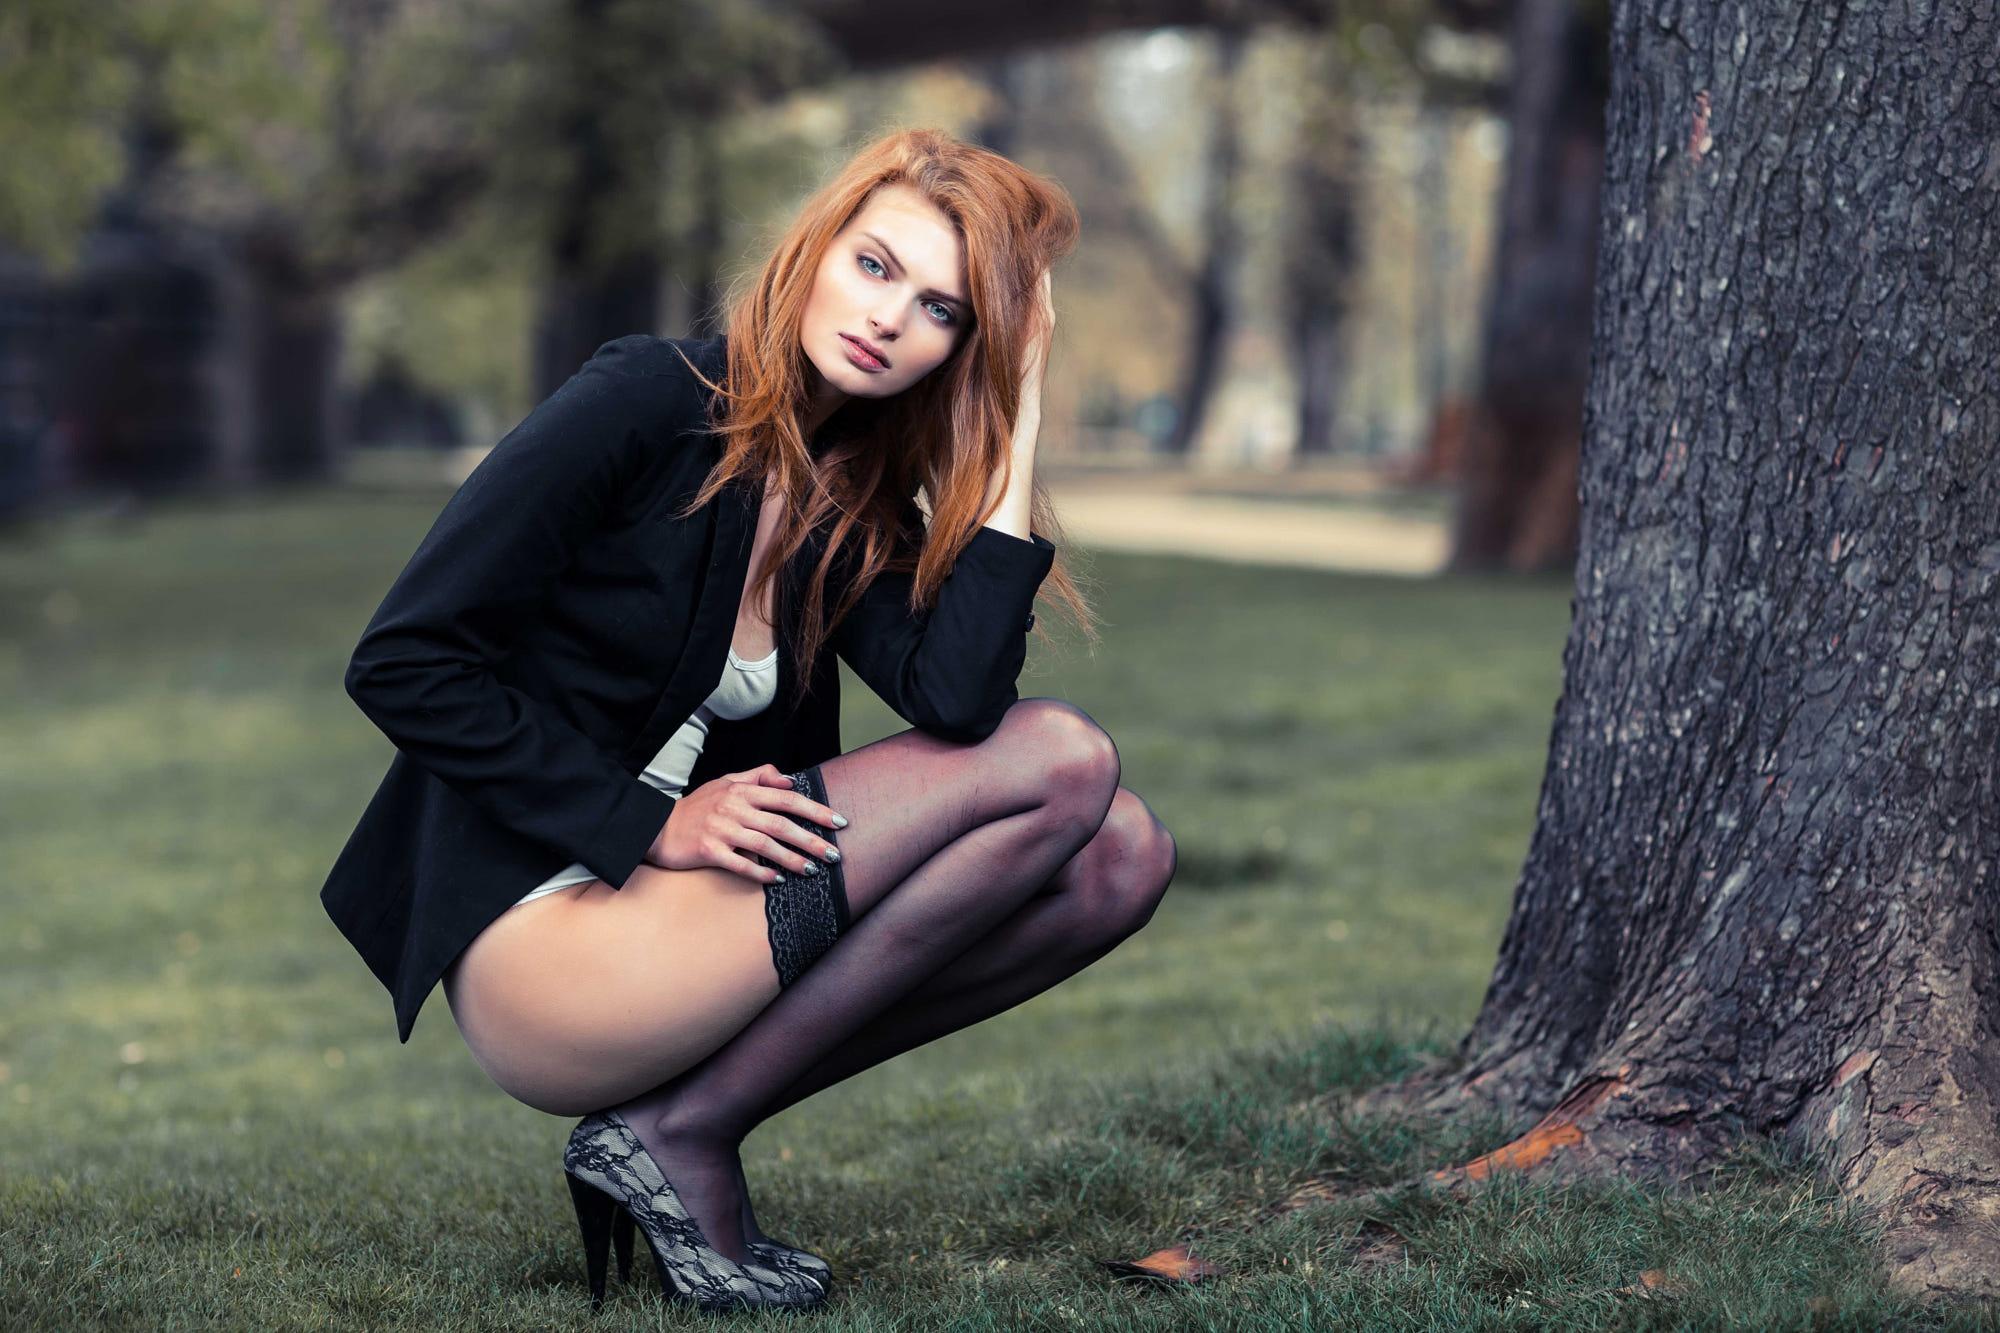 Wallpaper : squatting, Prague, park, women outdoors